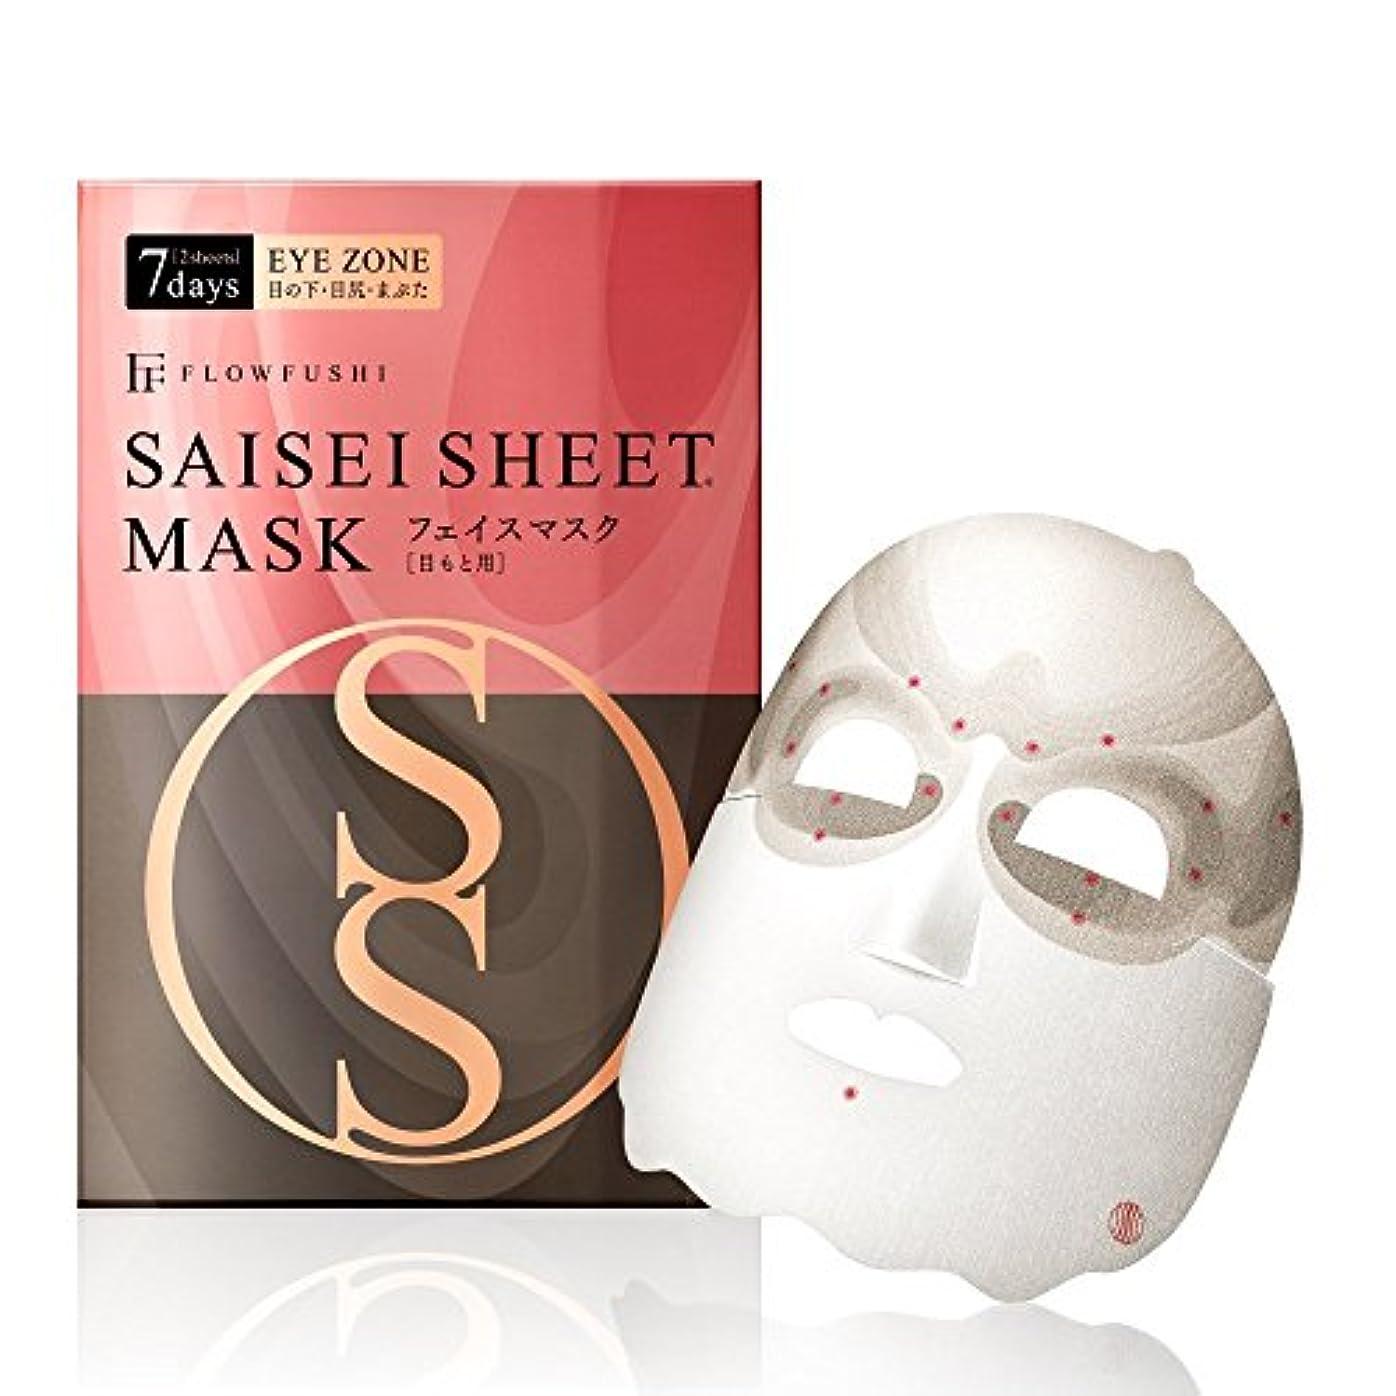 かき混ぜるドル西部SAISEIシート マスク [目もと用] 7days 2sheets